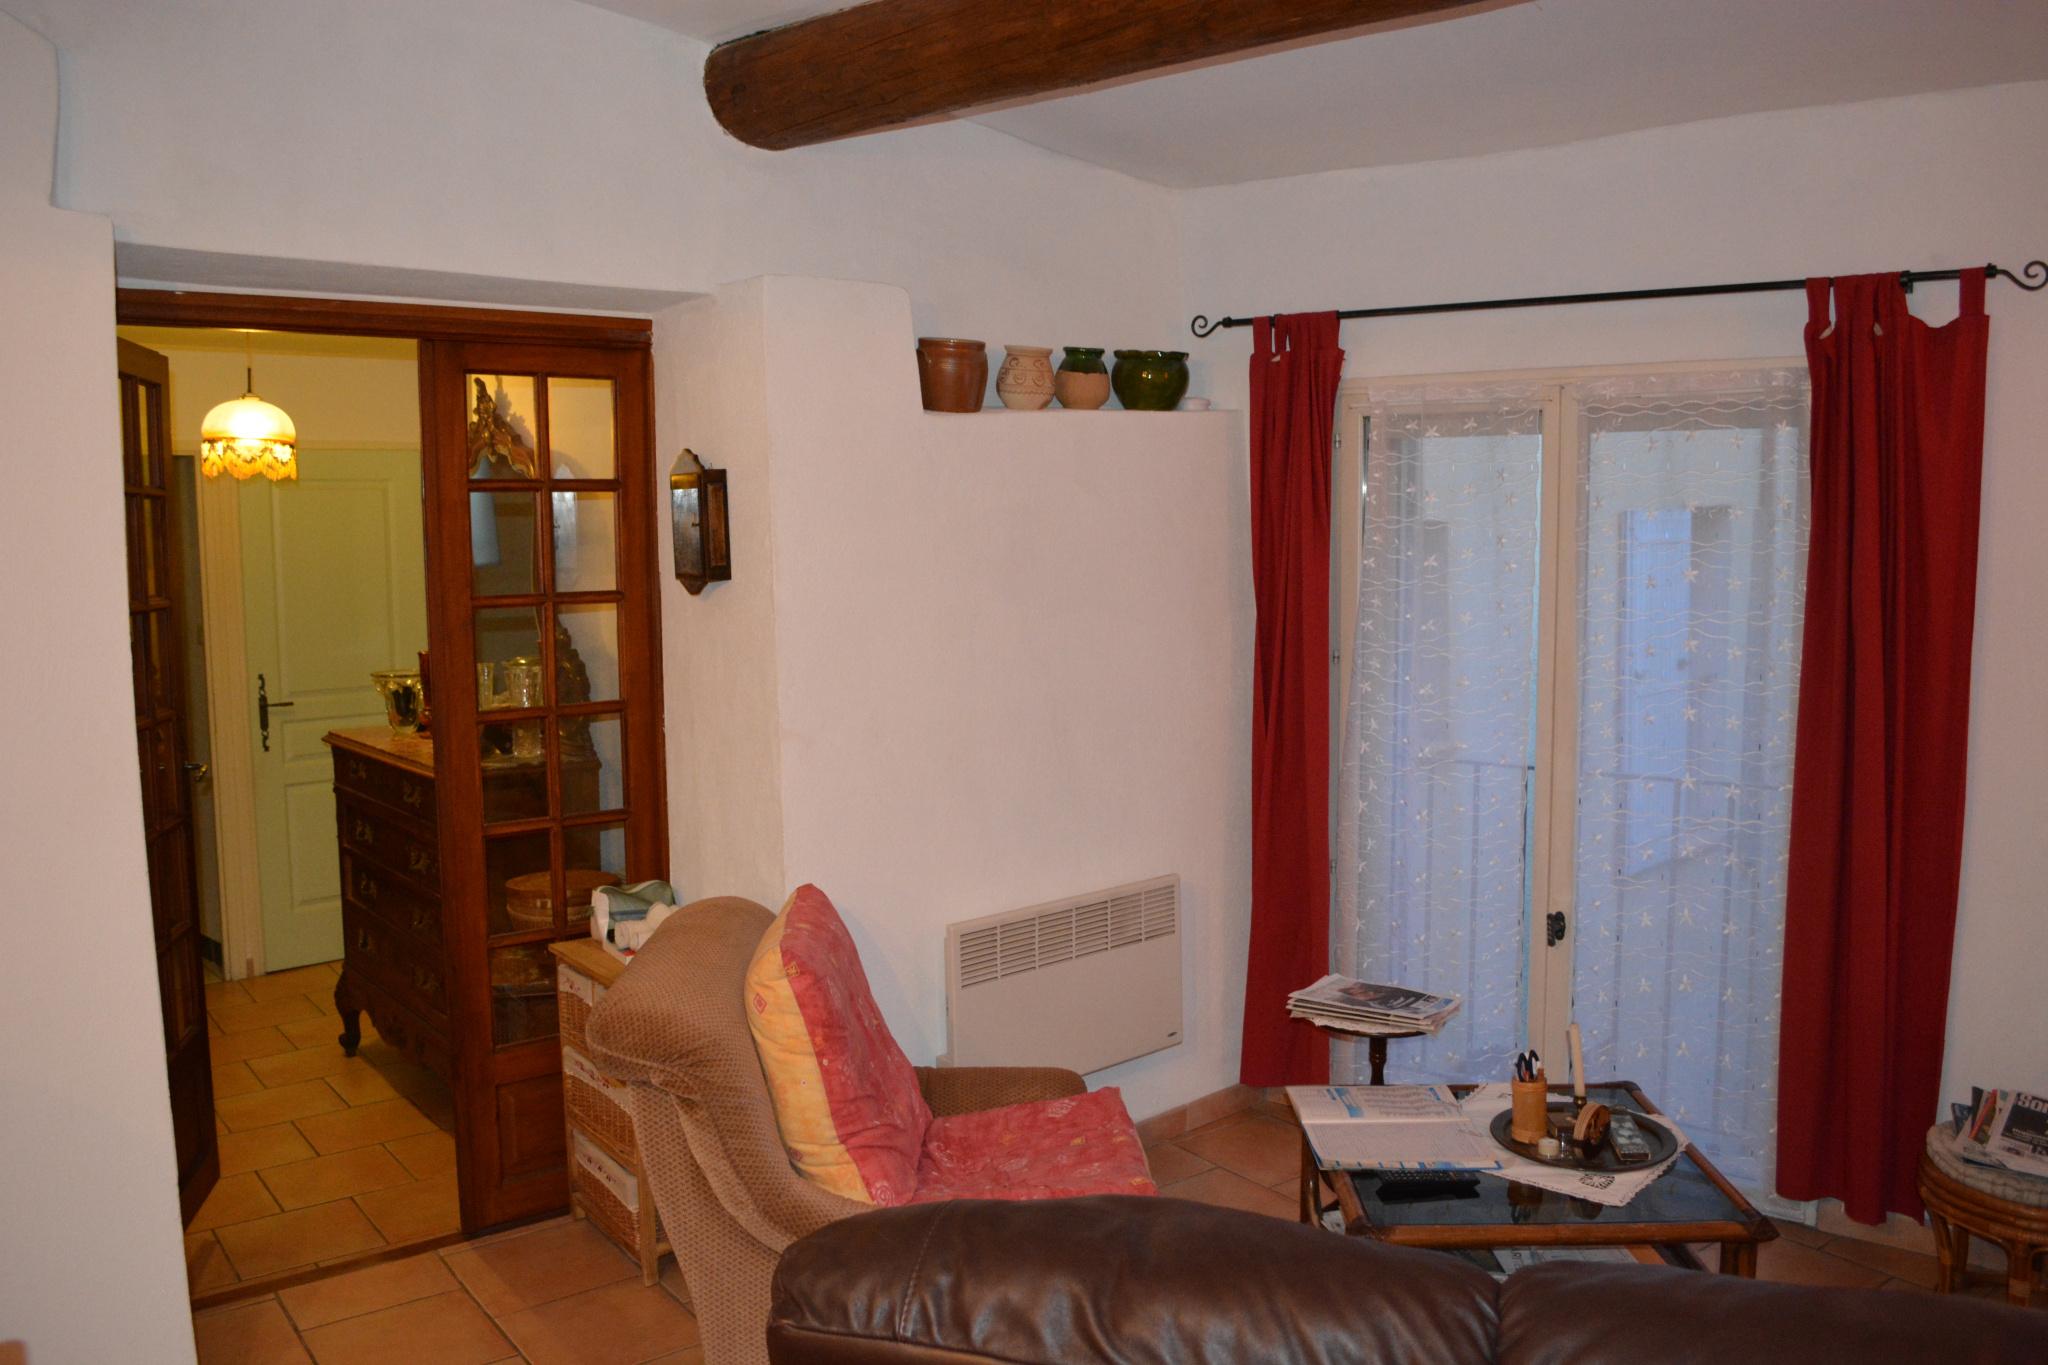 vente appartement avec locataire au coeur du village. Black Bedroom Furniture Sets. Home Design Ideas